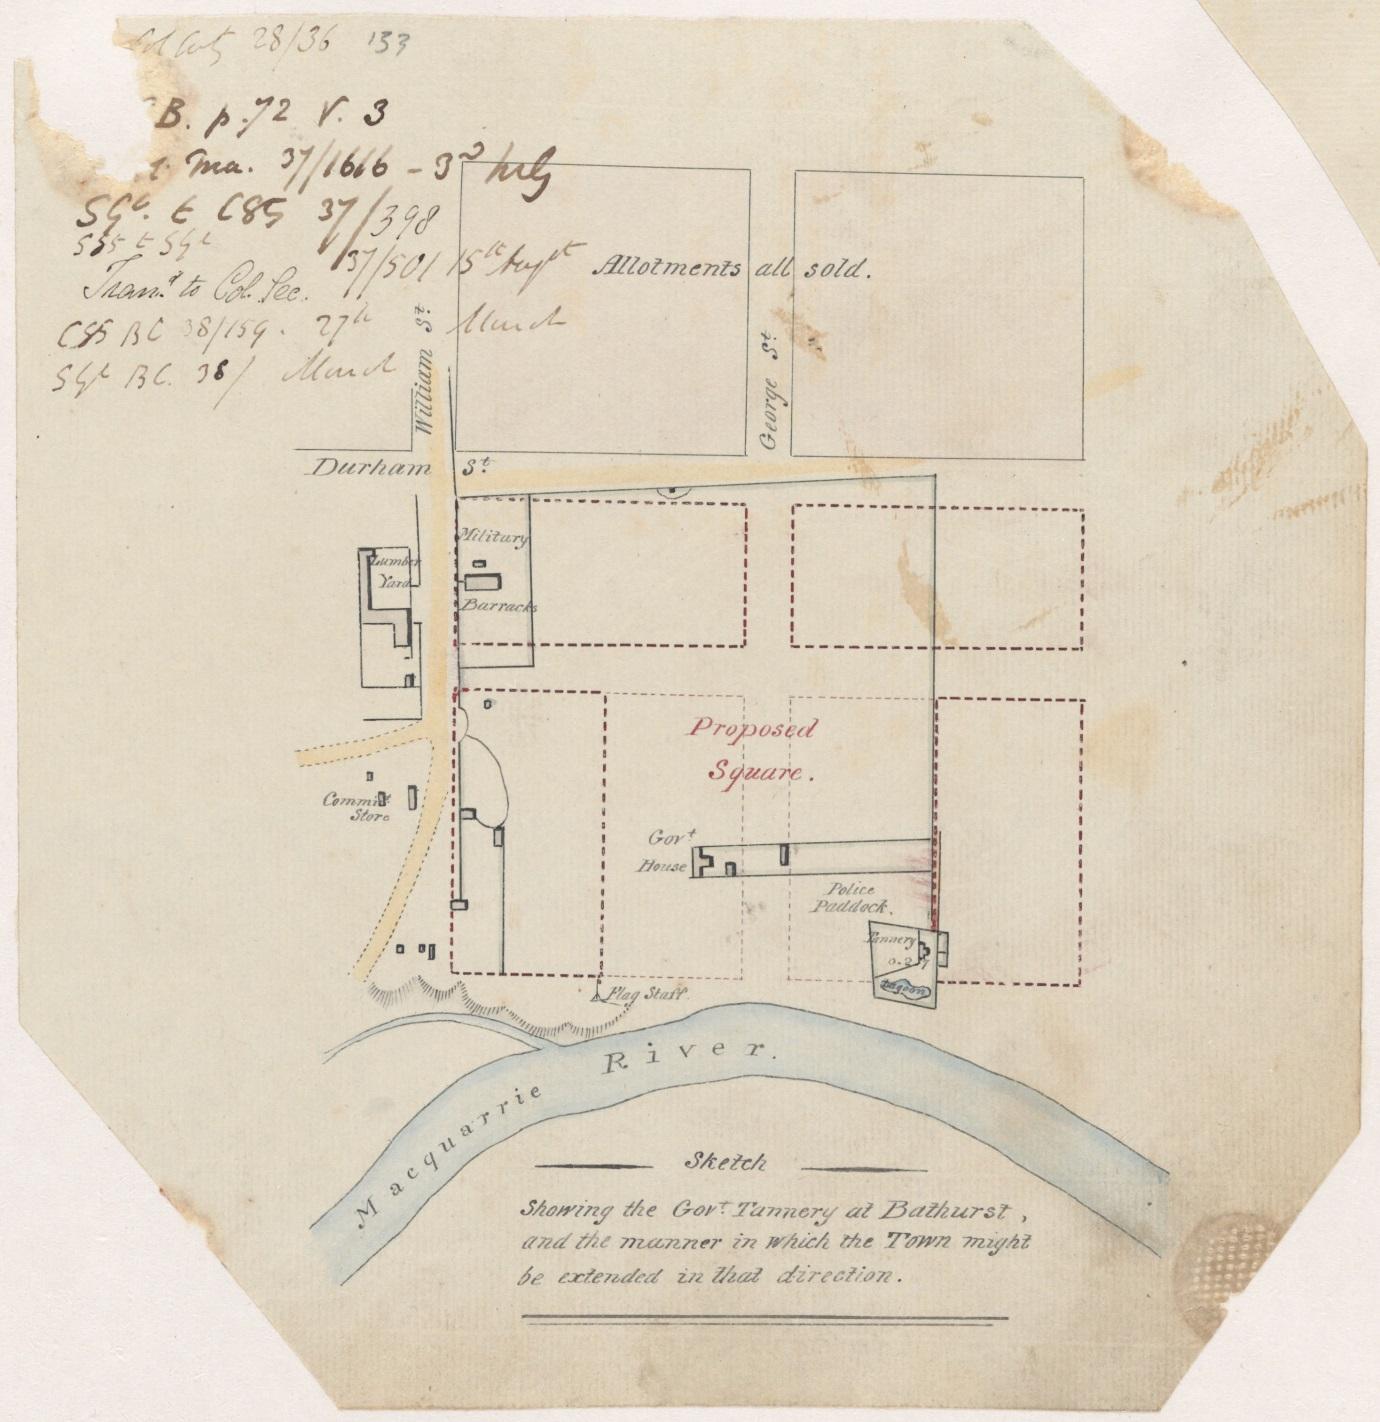 1837 - Settlement Map of Bathurst